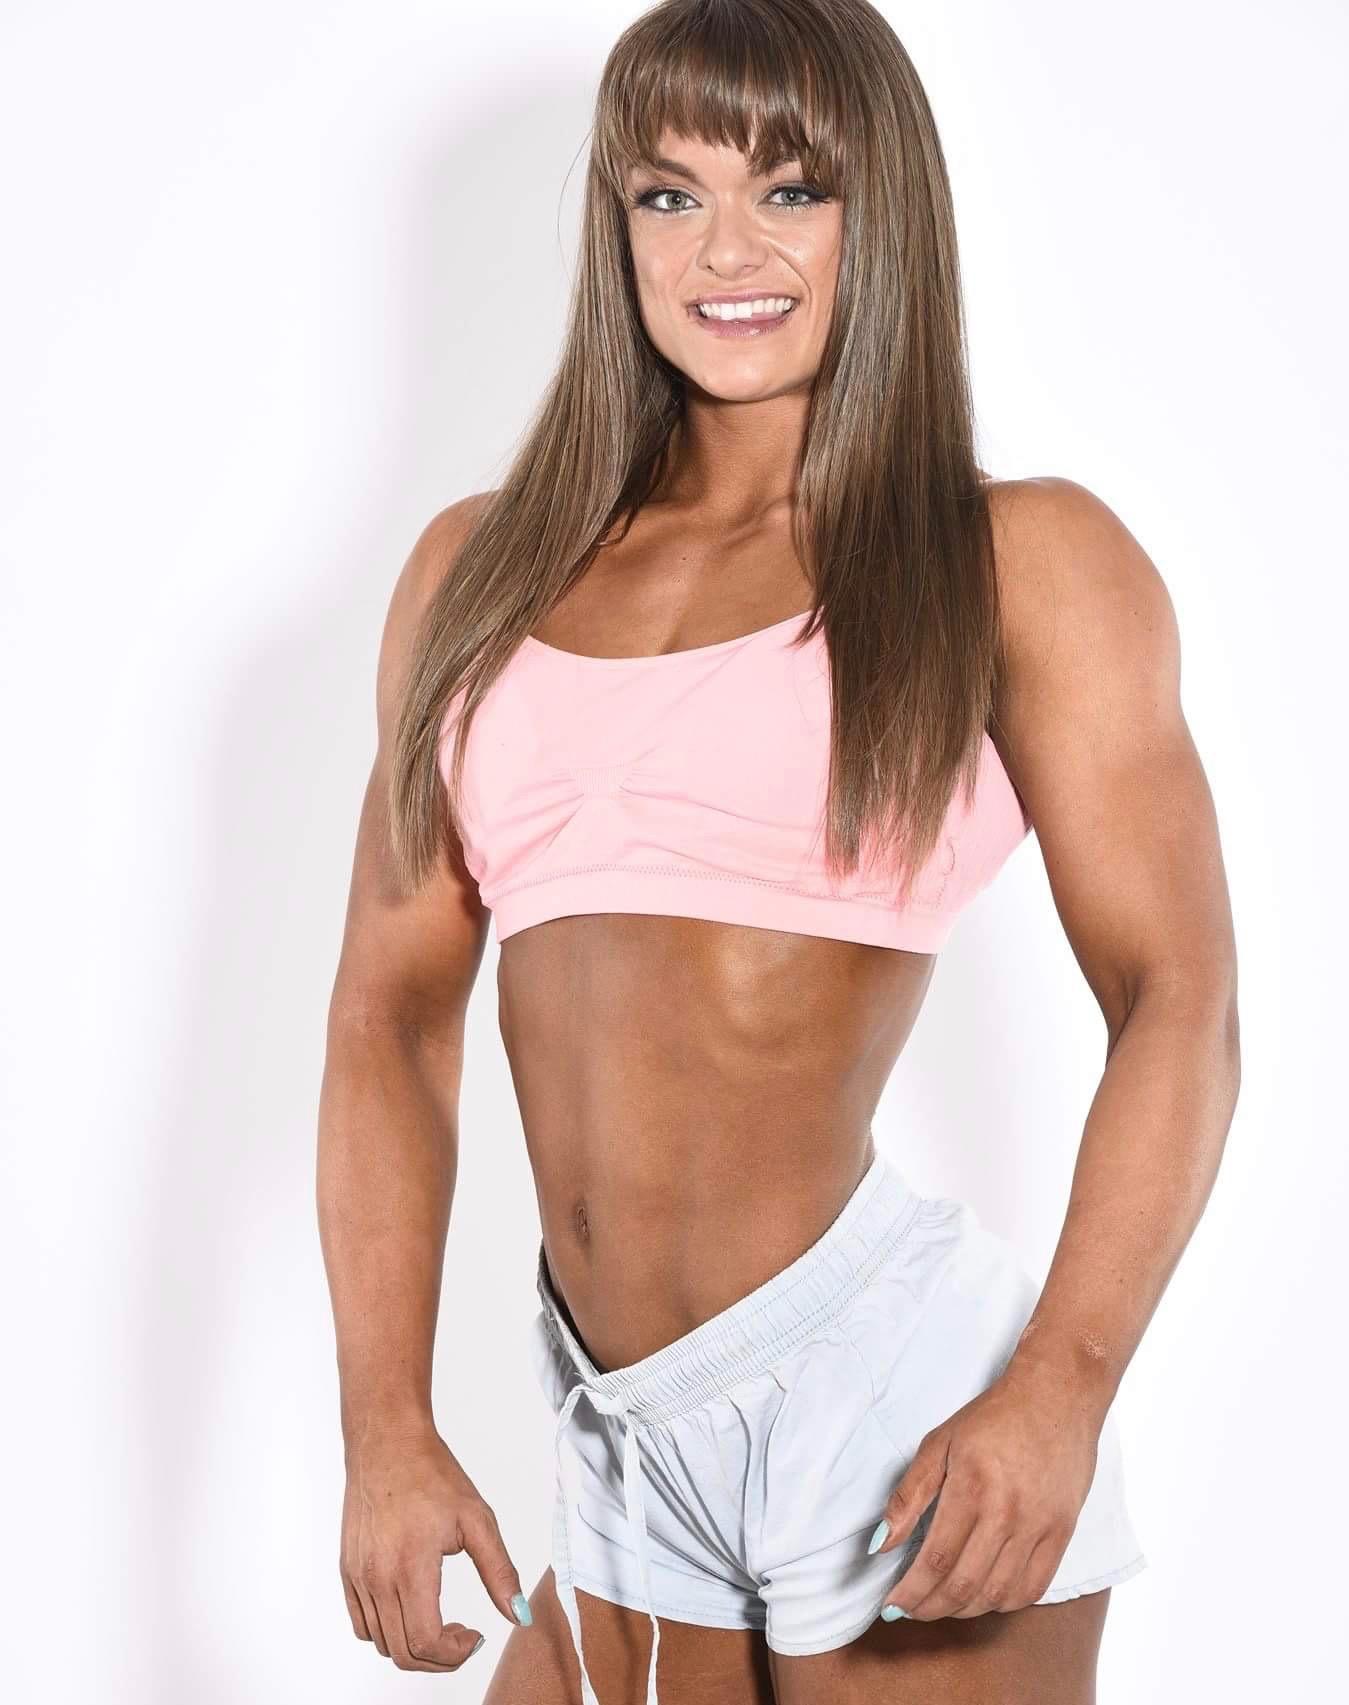 Flex Fitness Winnipeg Jessi thumbnail 5 2.jpg